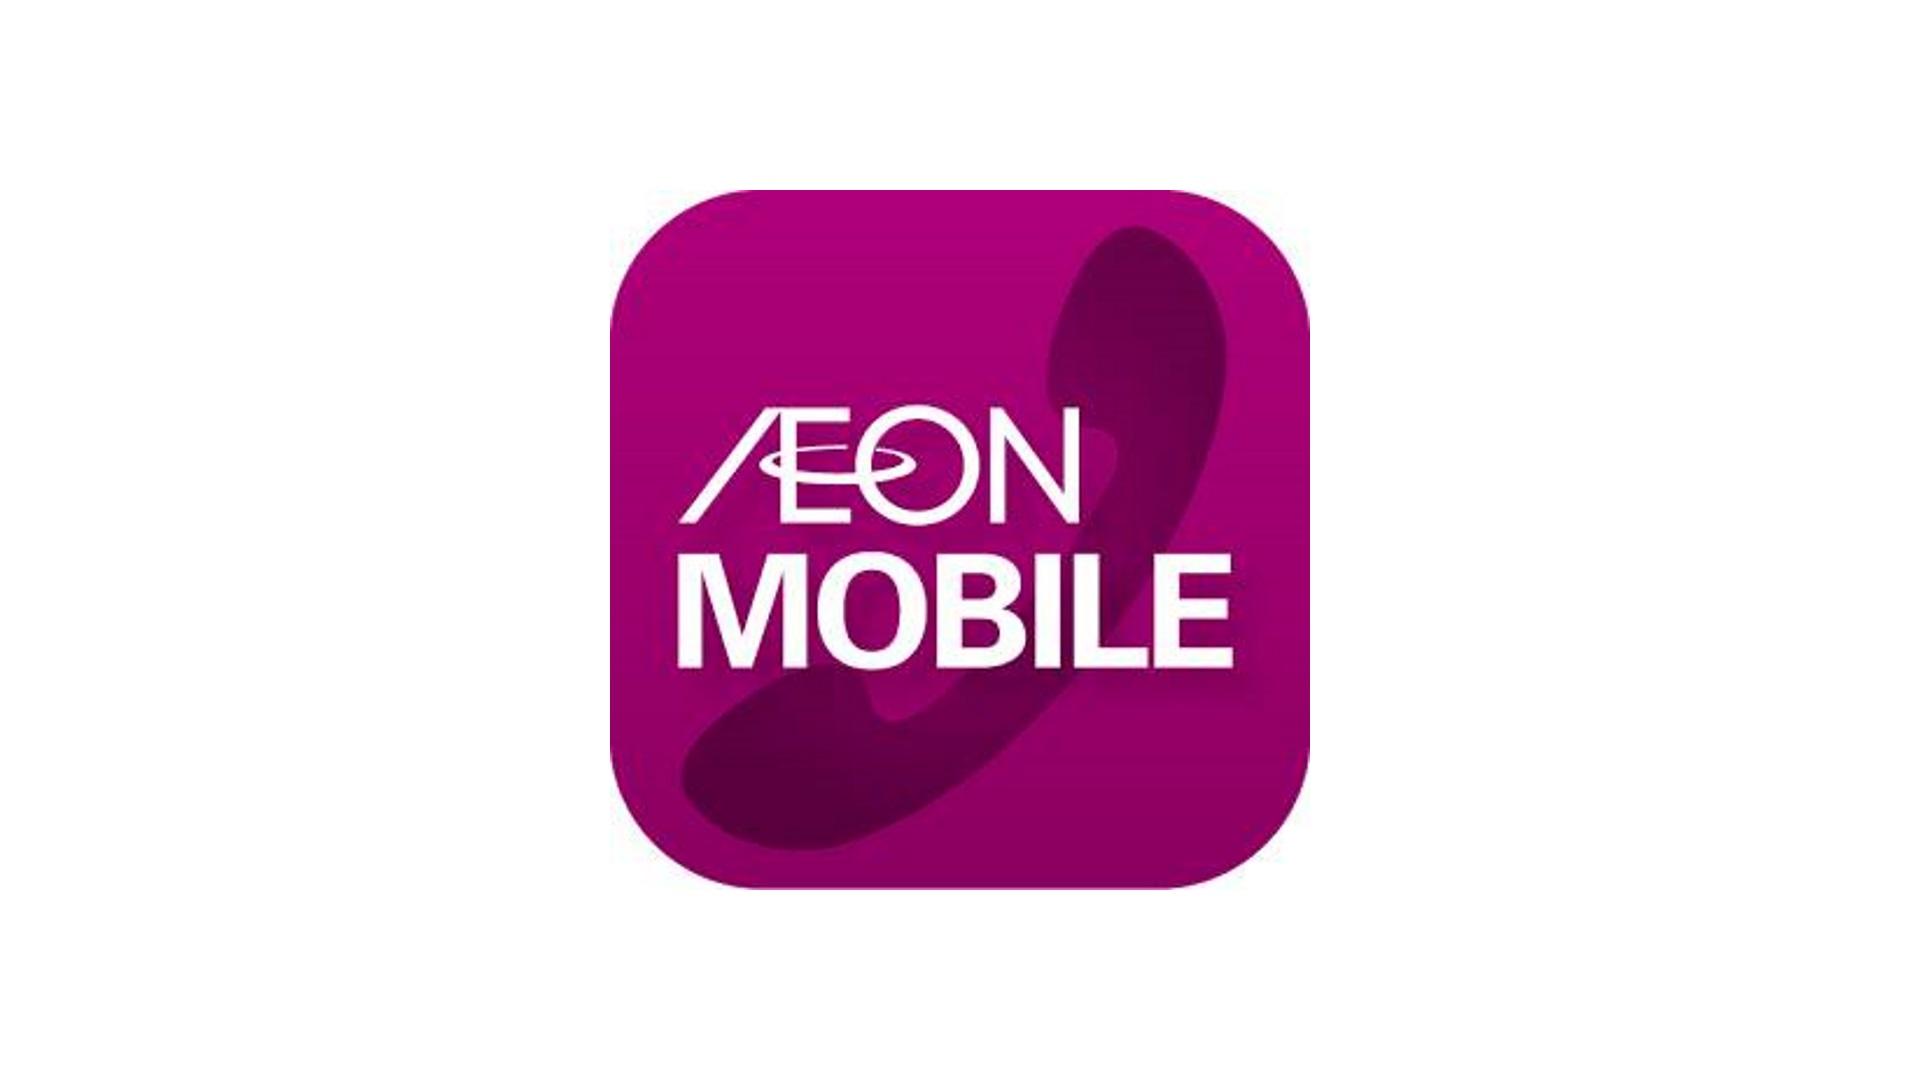 イオンモバイル、端末保障「持ちこみ保証」を7月1日より開始、通話定額も拡大